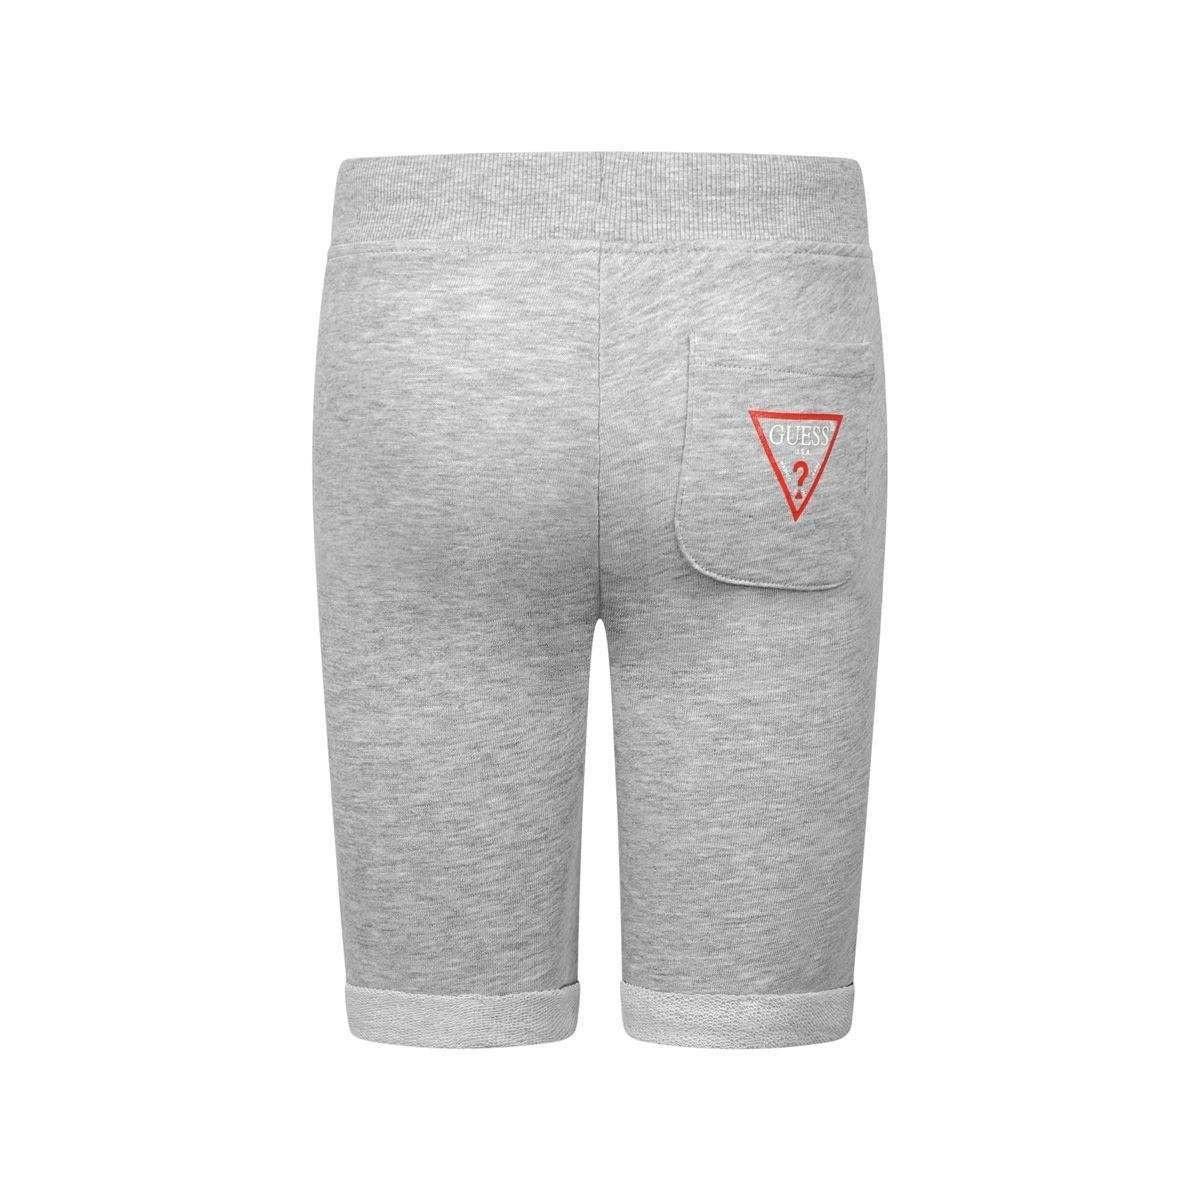 Guess Guess Boys Grey knit Shorts